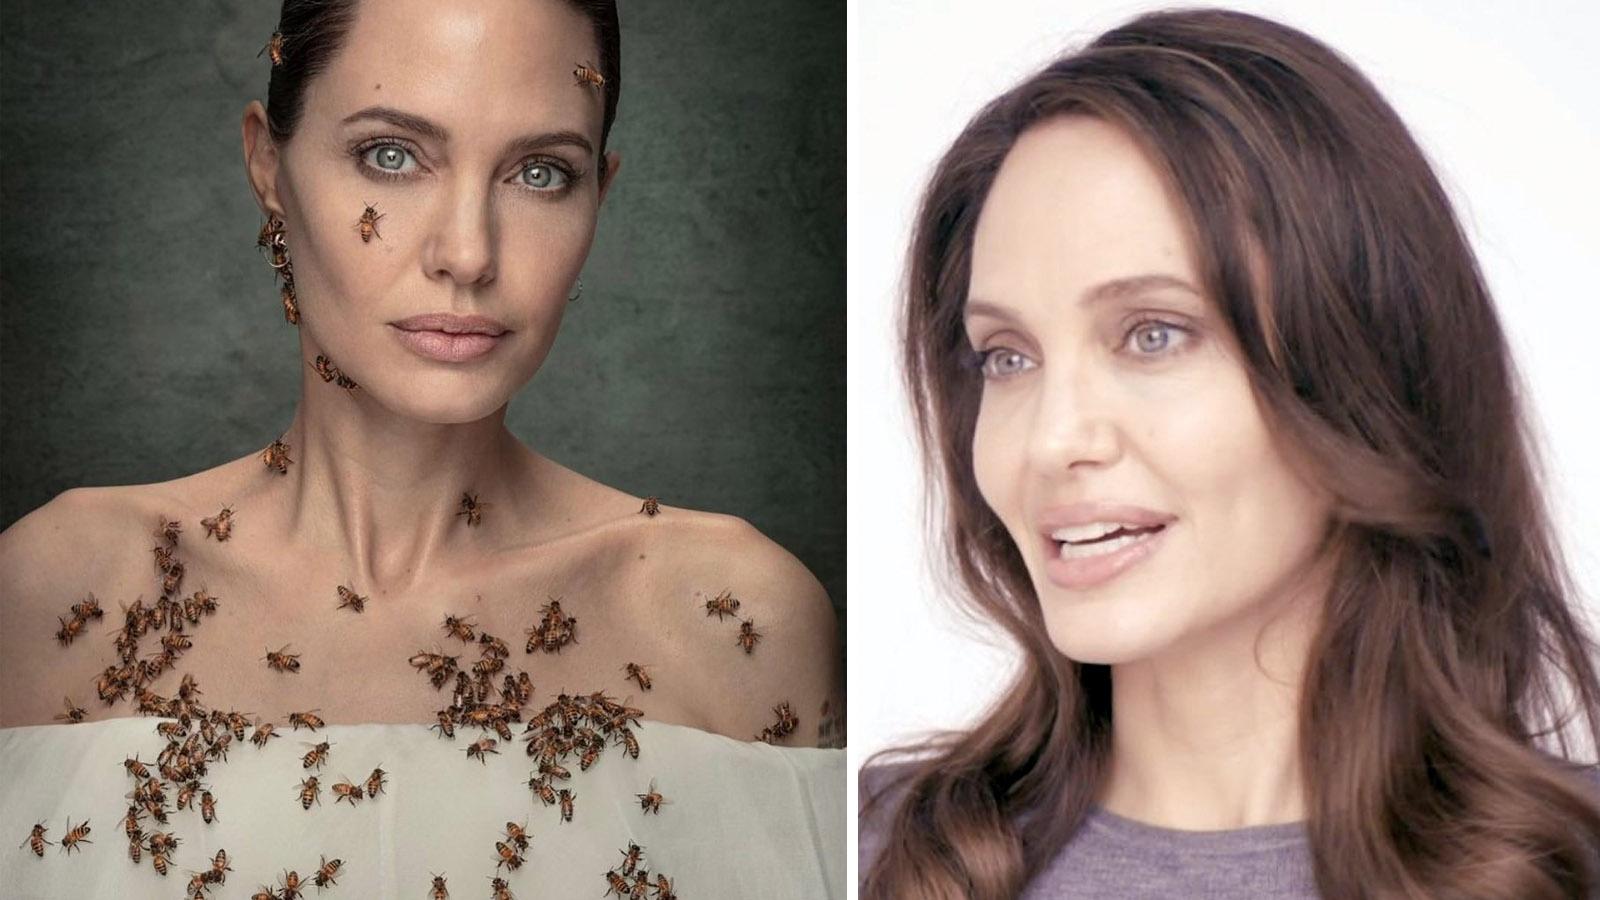 Angelina Jolie 60 हजार खतरनाक मधुमक्खियों में 18 मिनट तक कैसे रहीं, फोटोशूट के लिए क्या किया-Hindi News